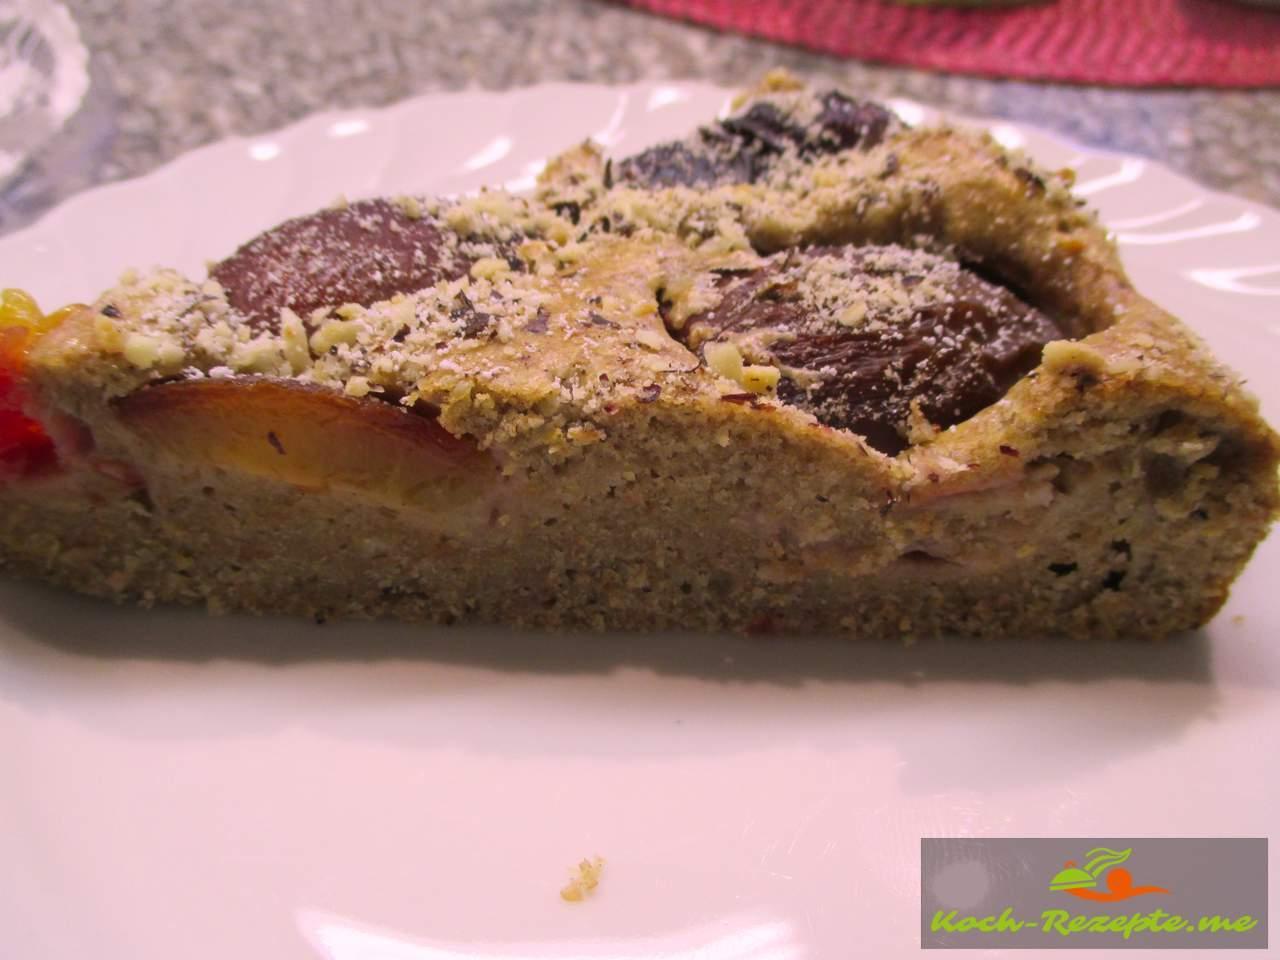 Pflaumen Vollkornkuchen mit Dinkelvollkornmehl und Stevia